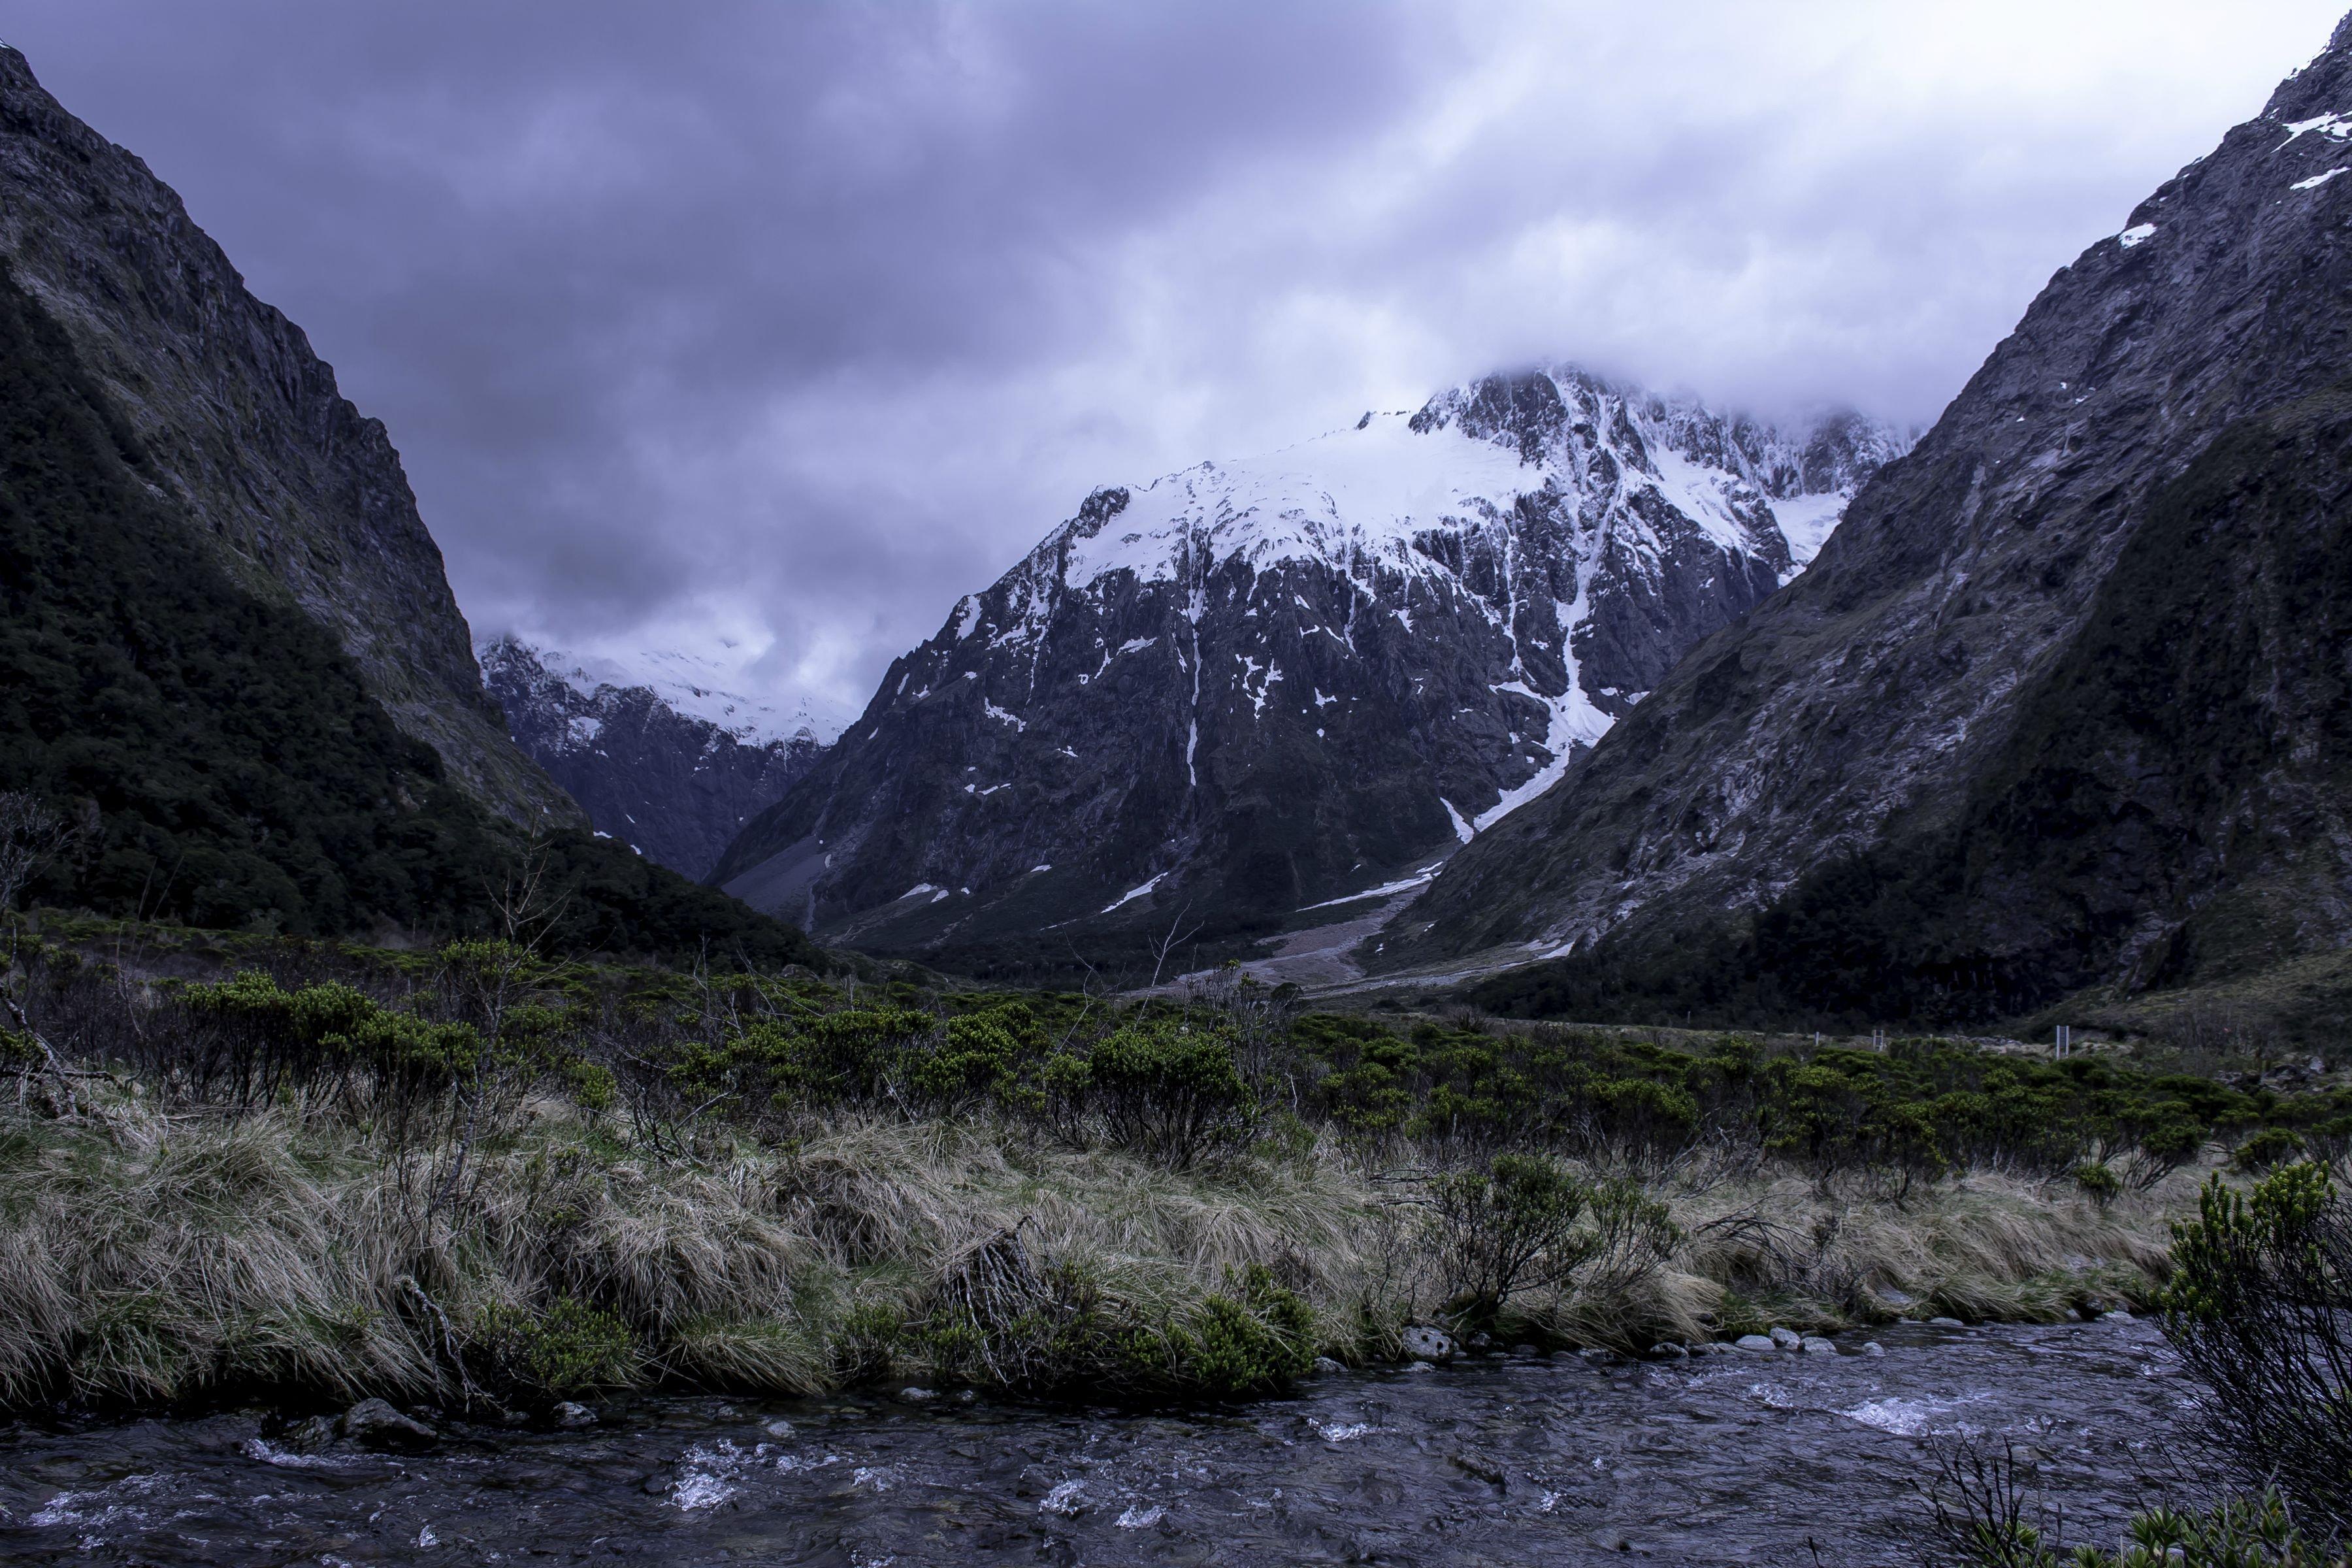 Pelaku Penembakan New Zealand Wallpaper: Fiordland Wallpapers, Photos And Desktop Backgrounds Up To